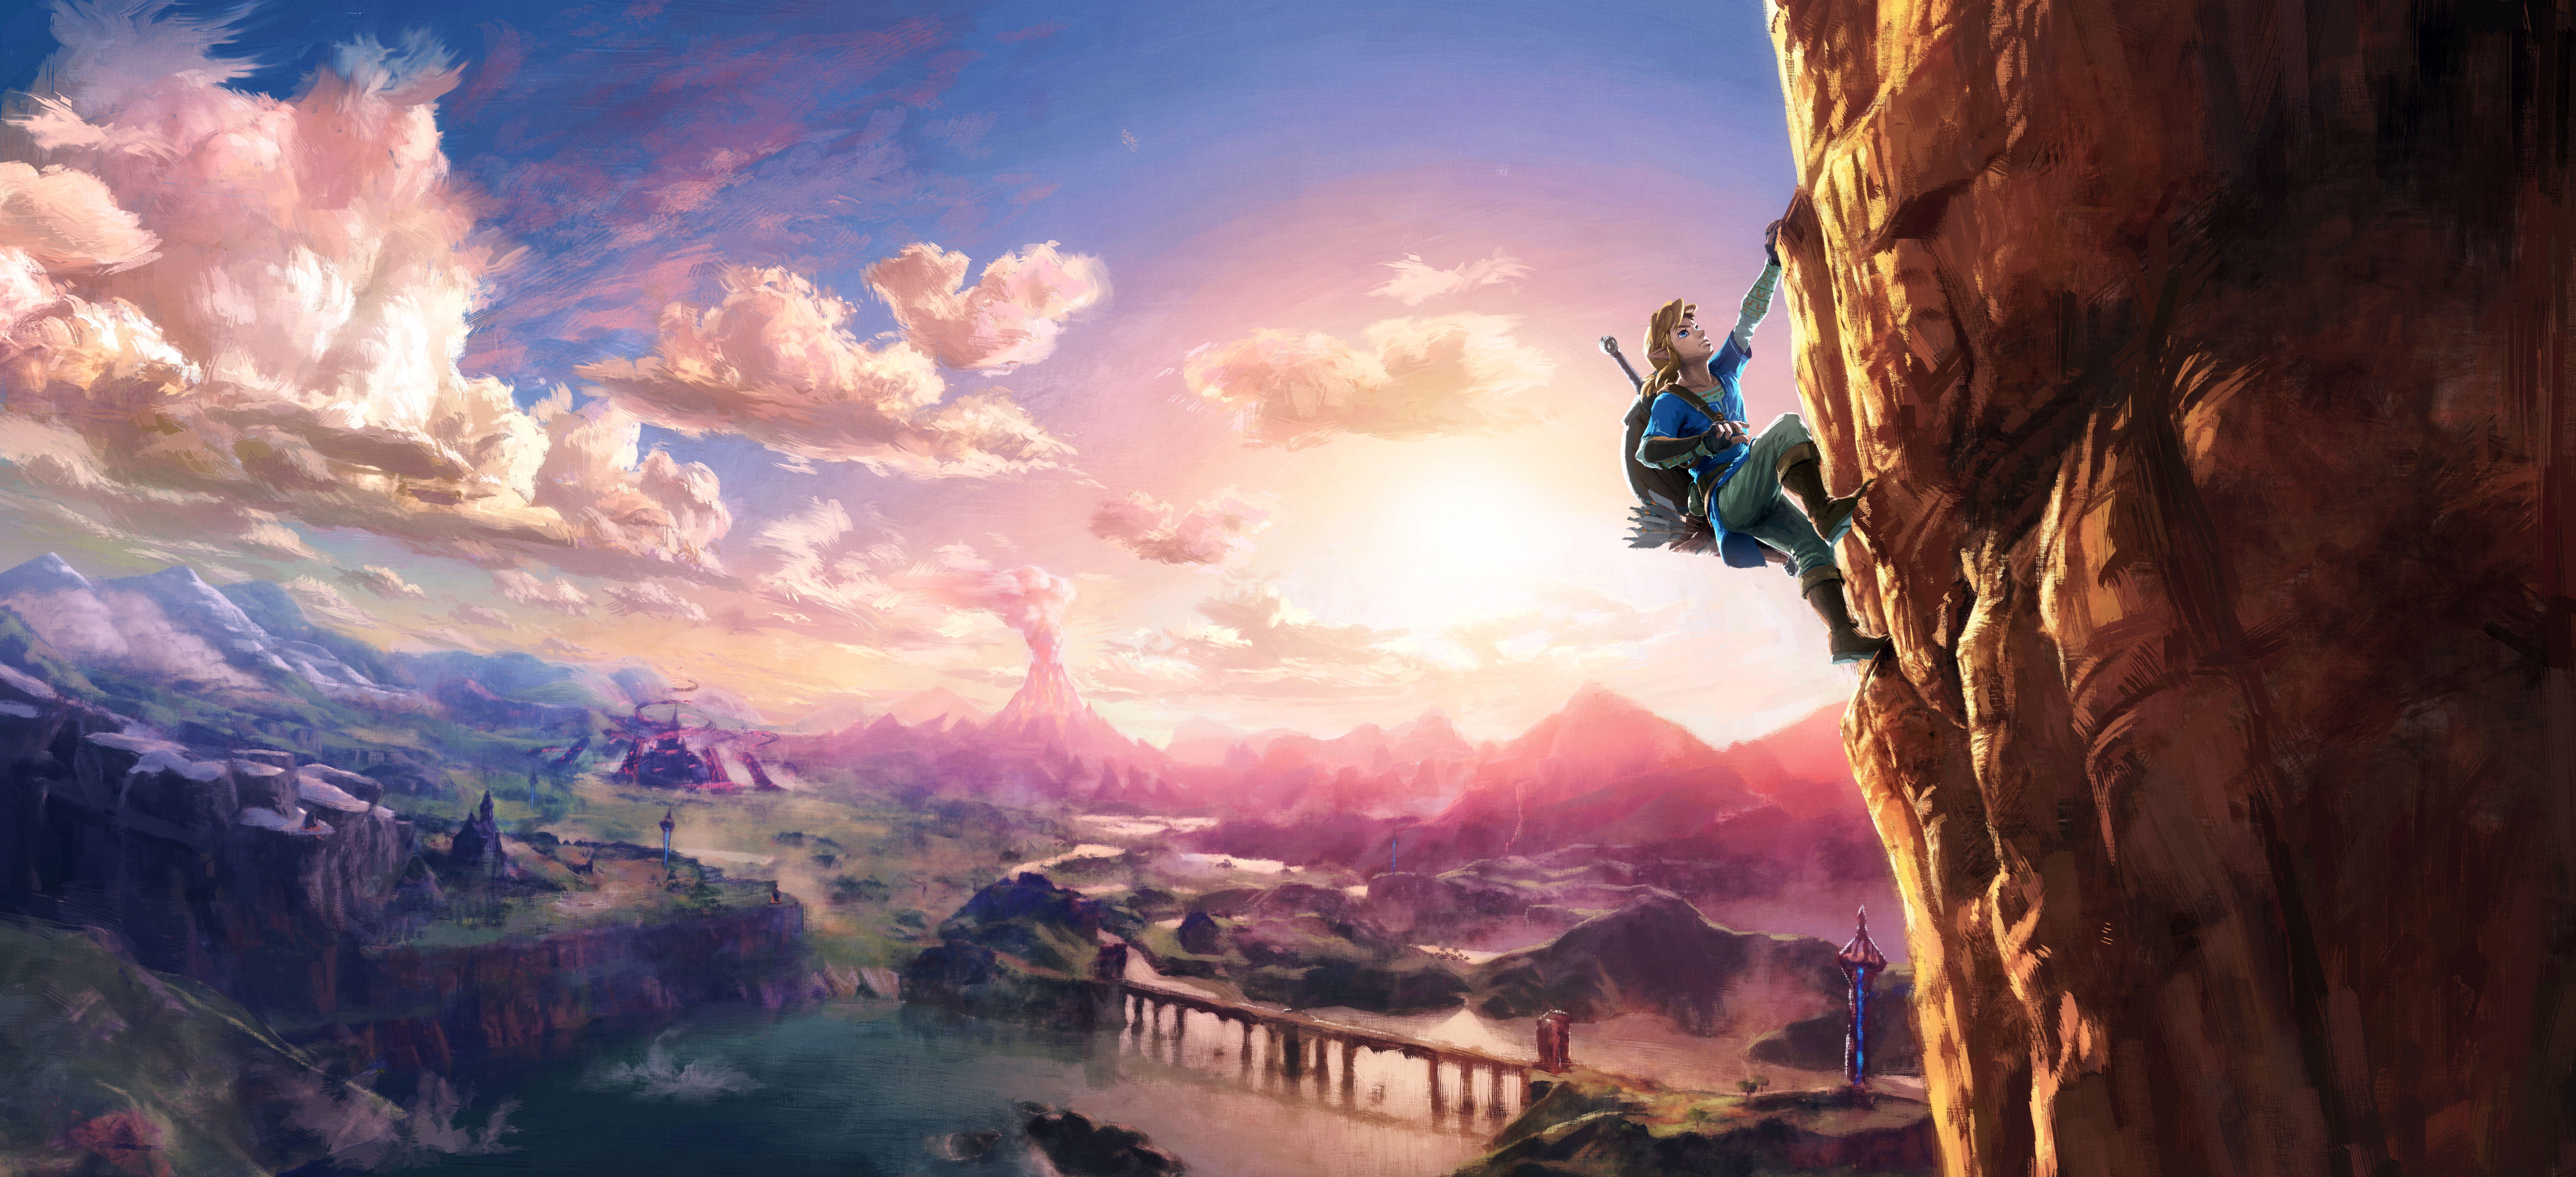 Legend Of Zelda Dual Screen Wallpapers Top Free Legend Of Zelda